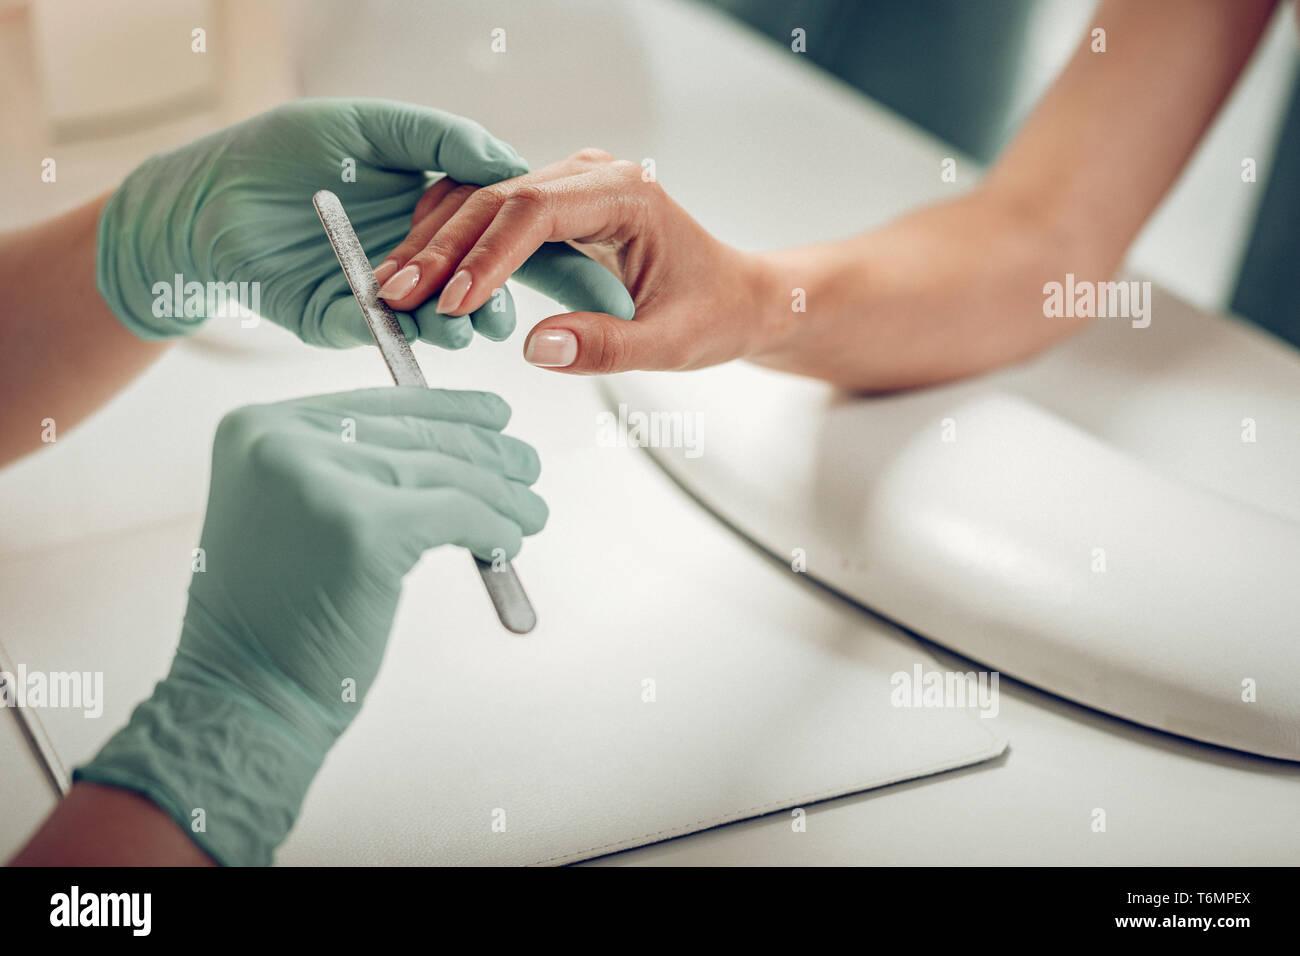 Professionell ausgebildete Nail master durch das Tragen von schützender Gummihandschuhe Stockbild